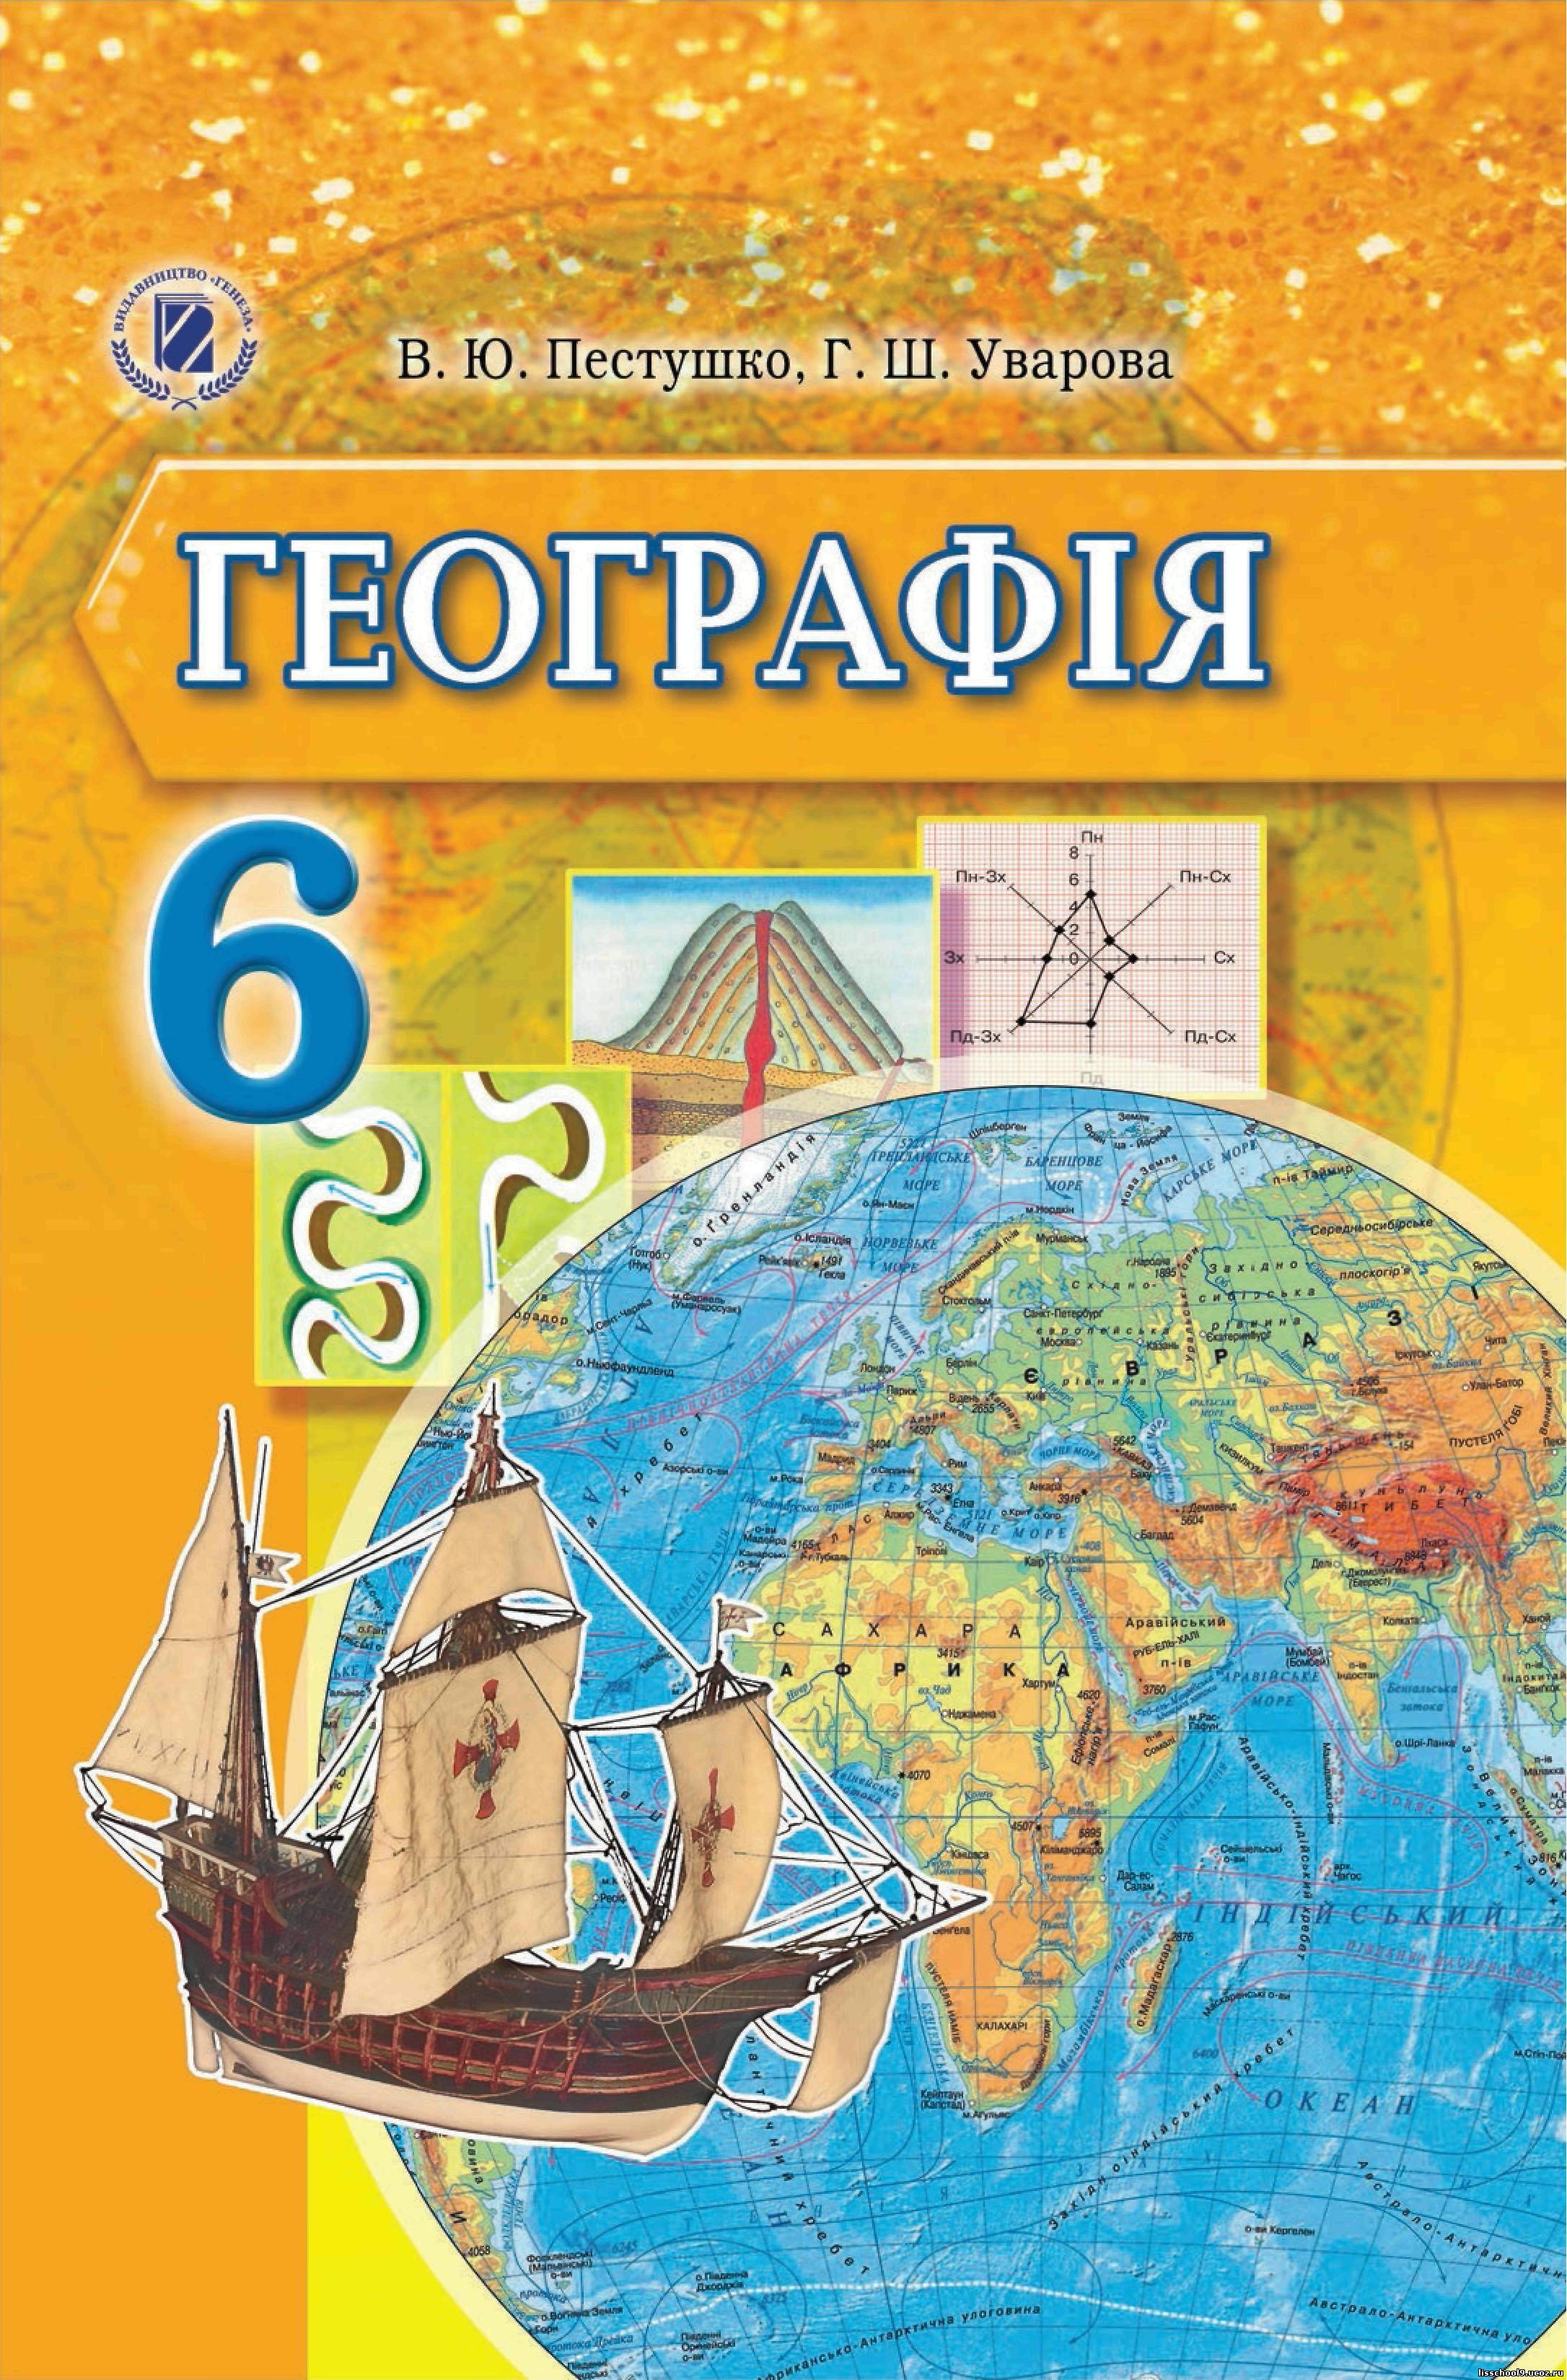 скачать книгу география 7 класс бойко